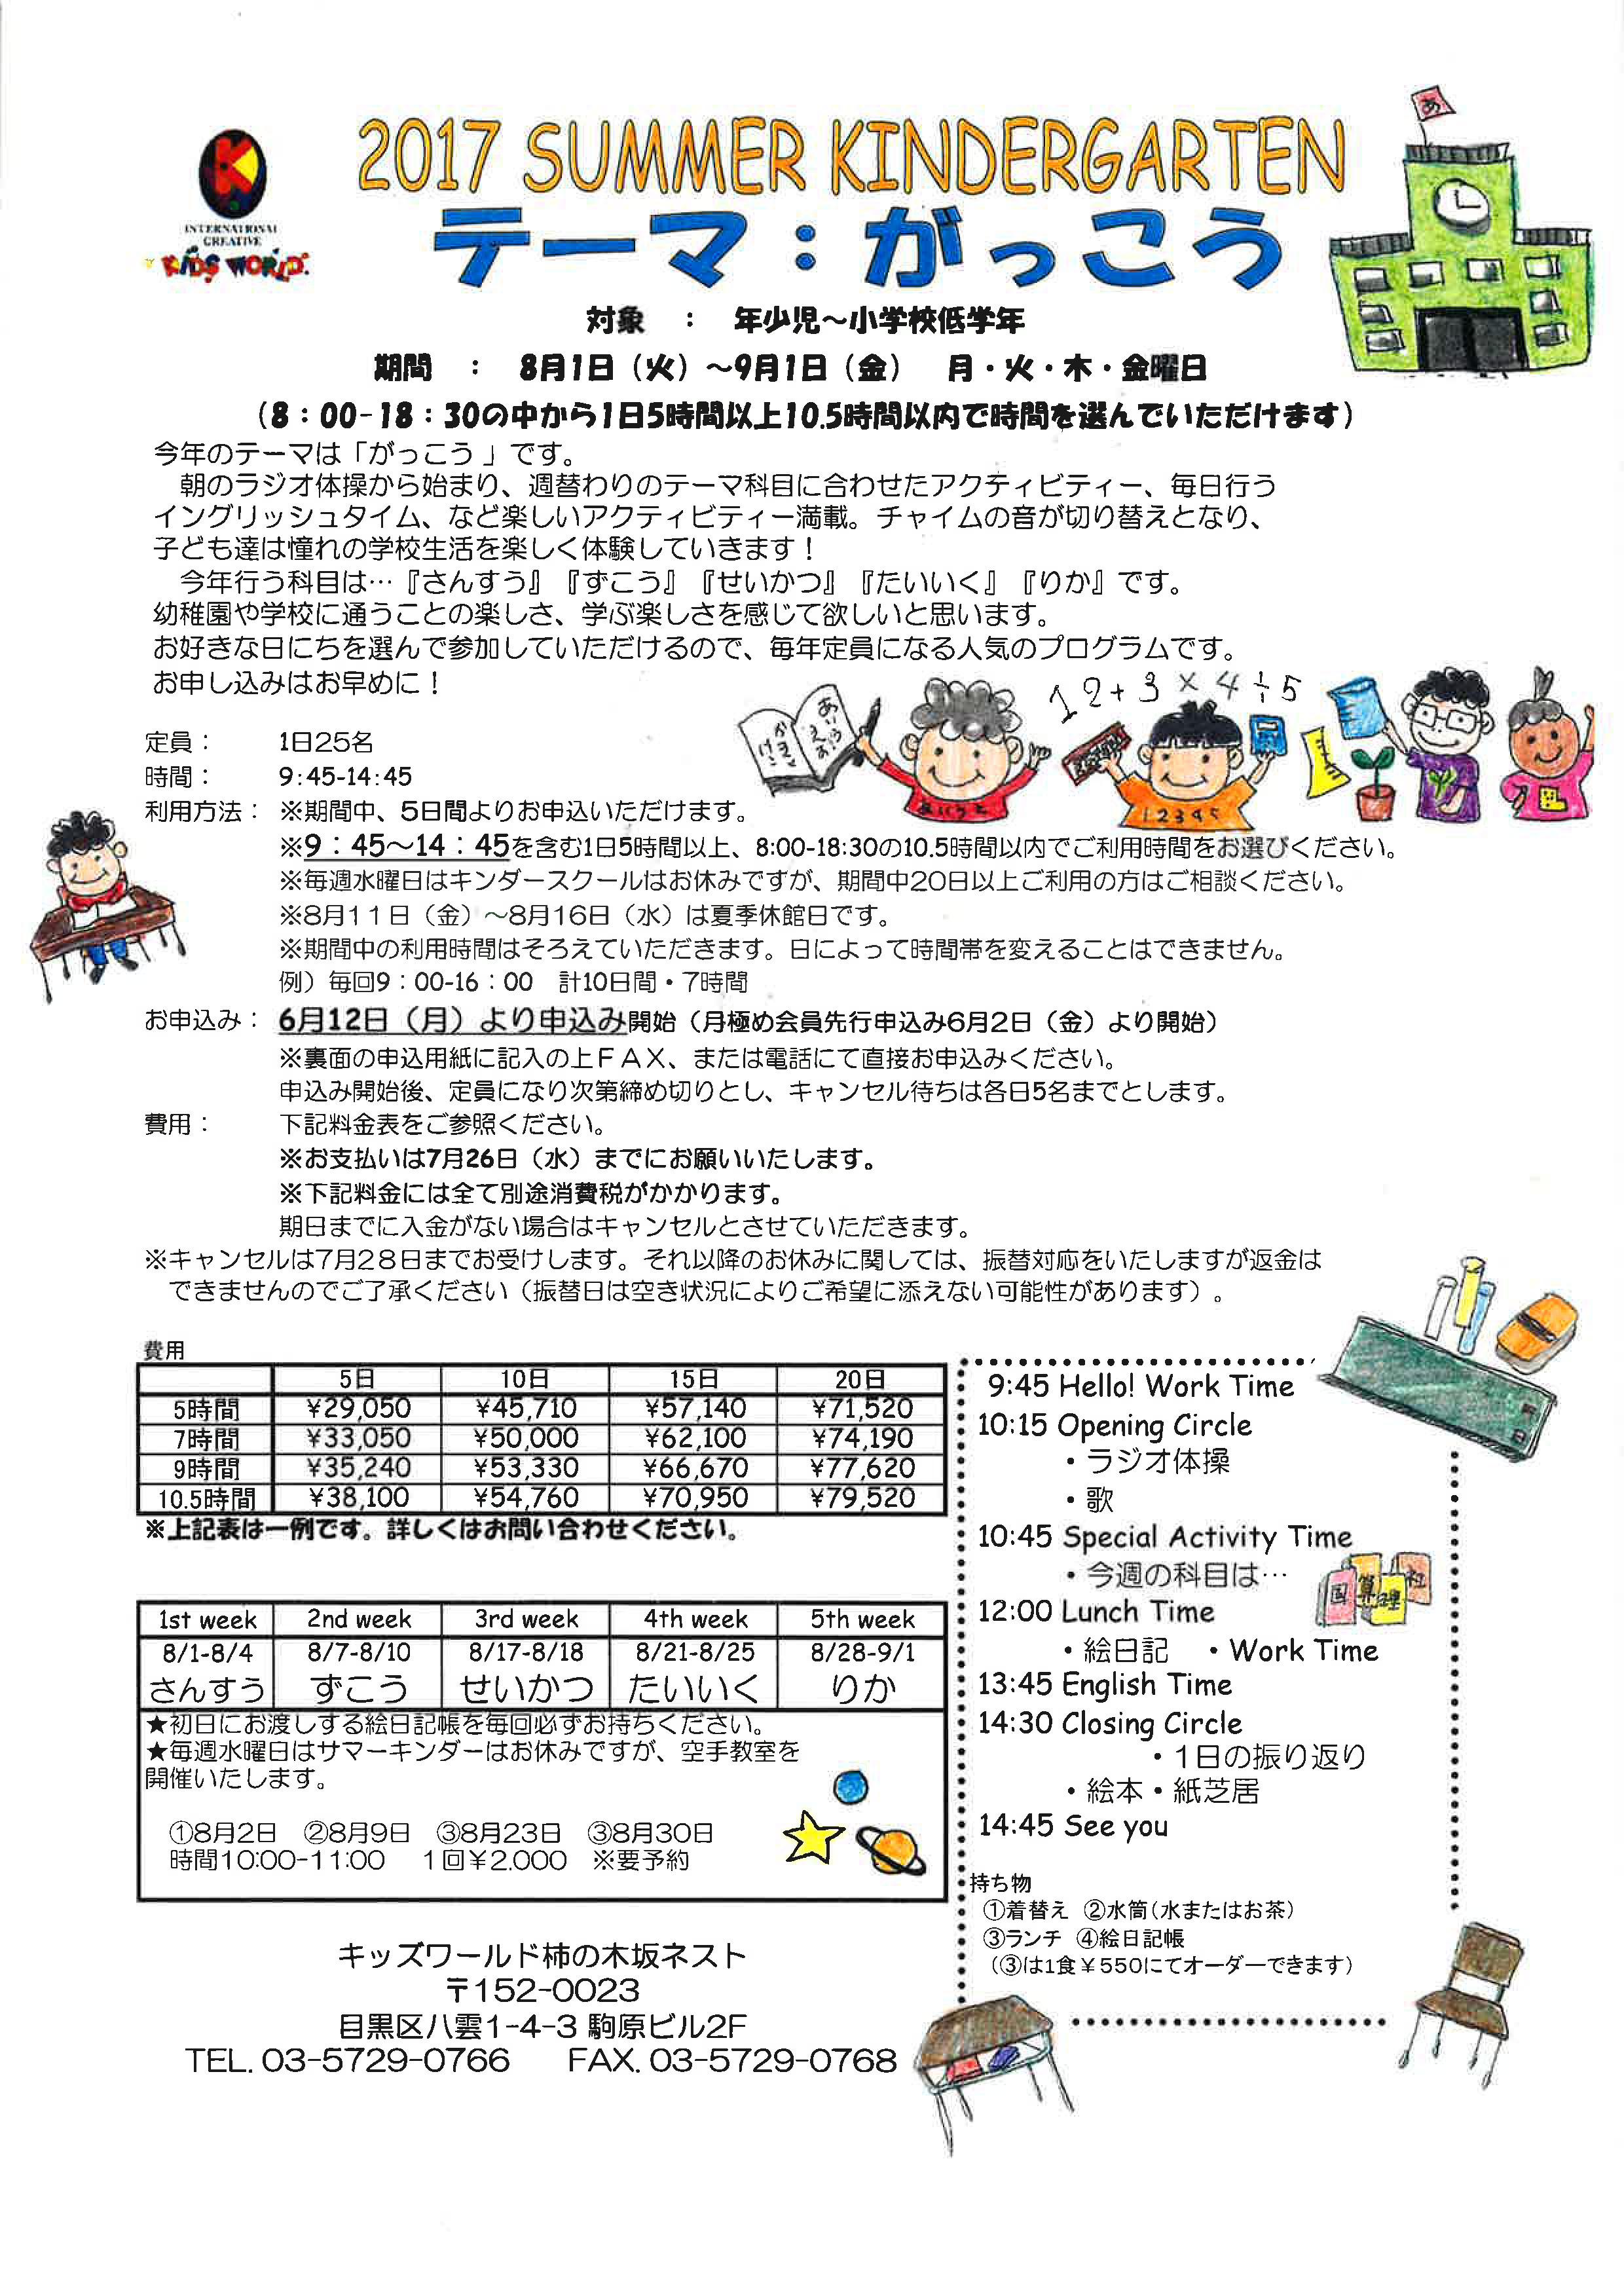 柿の木坂 サマーキンダー2017